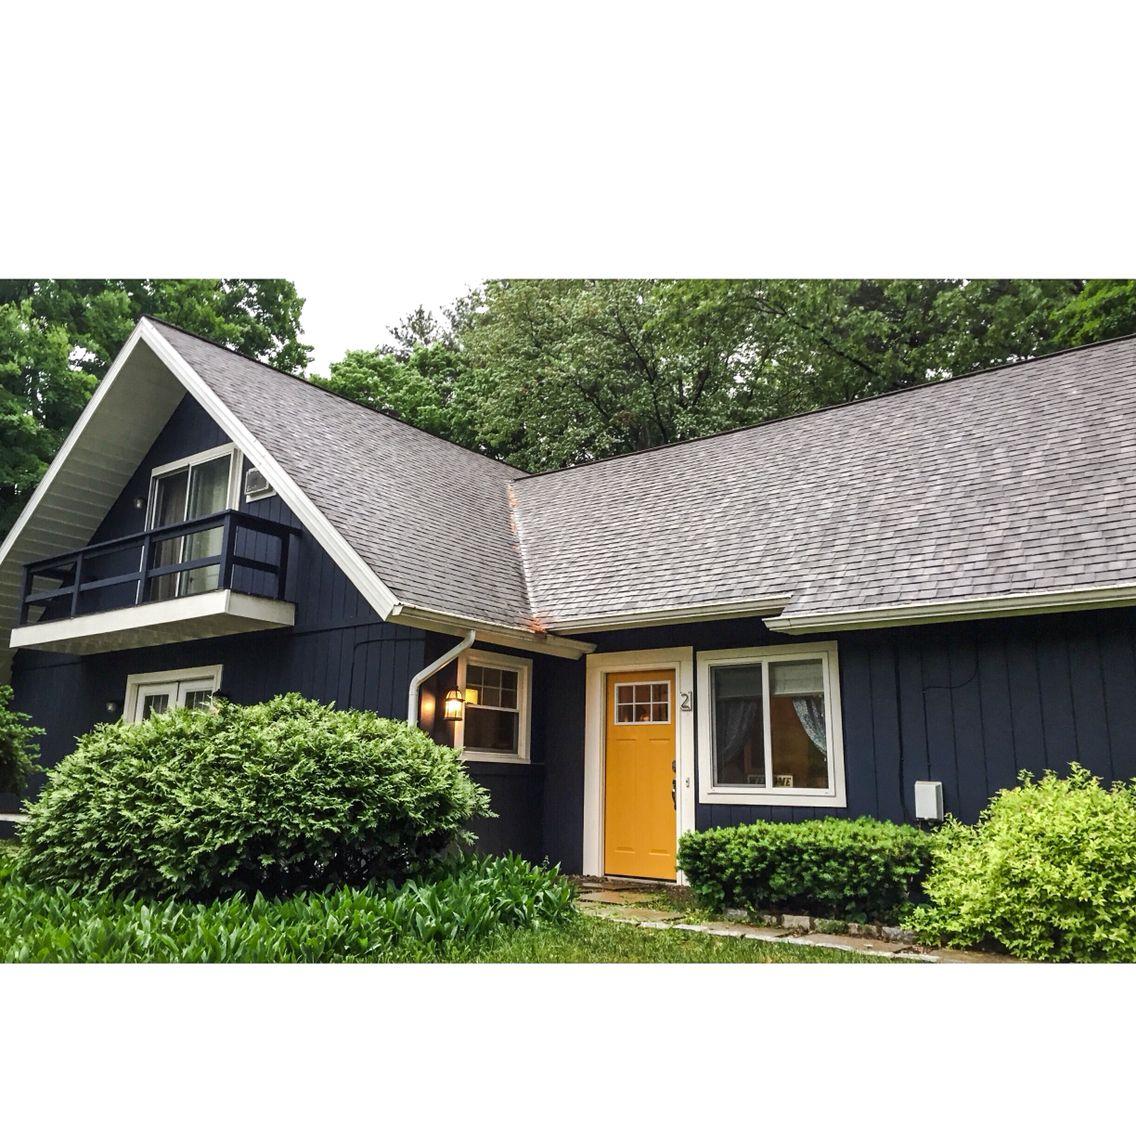 Yellow Front Door With Benjamin Moore Navy Hale House